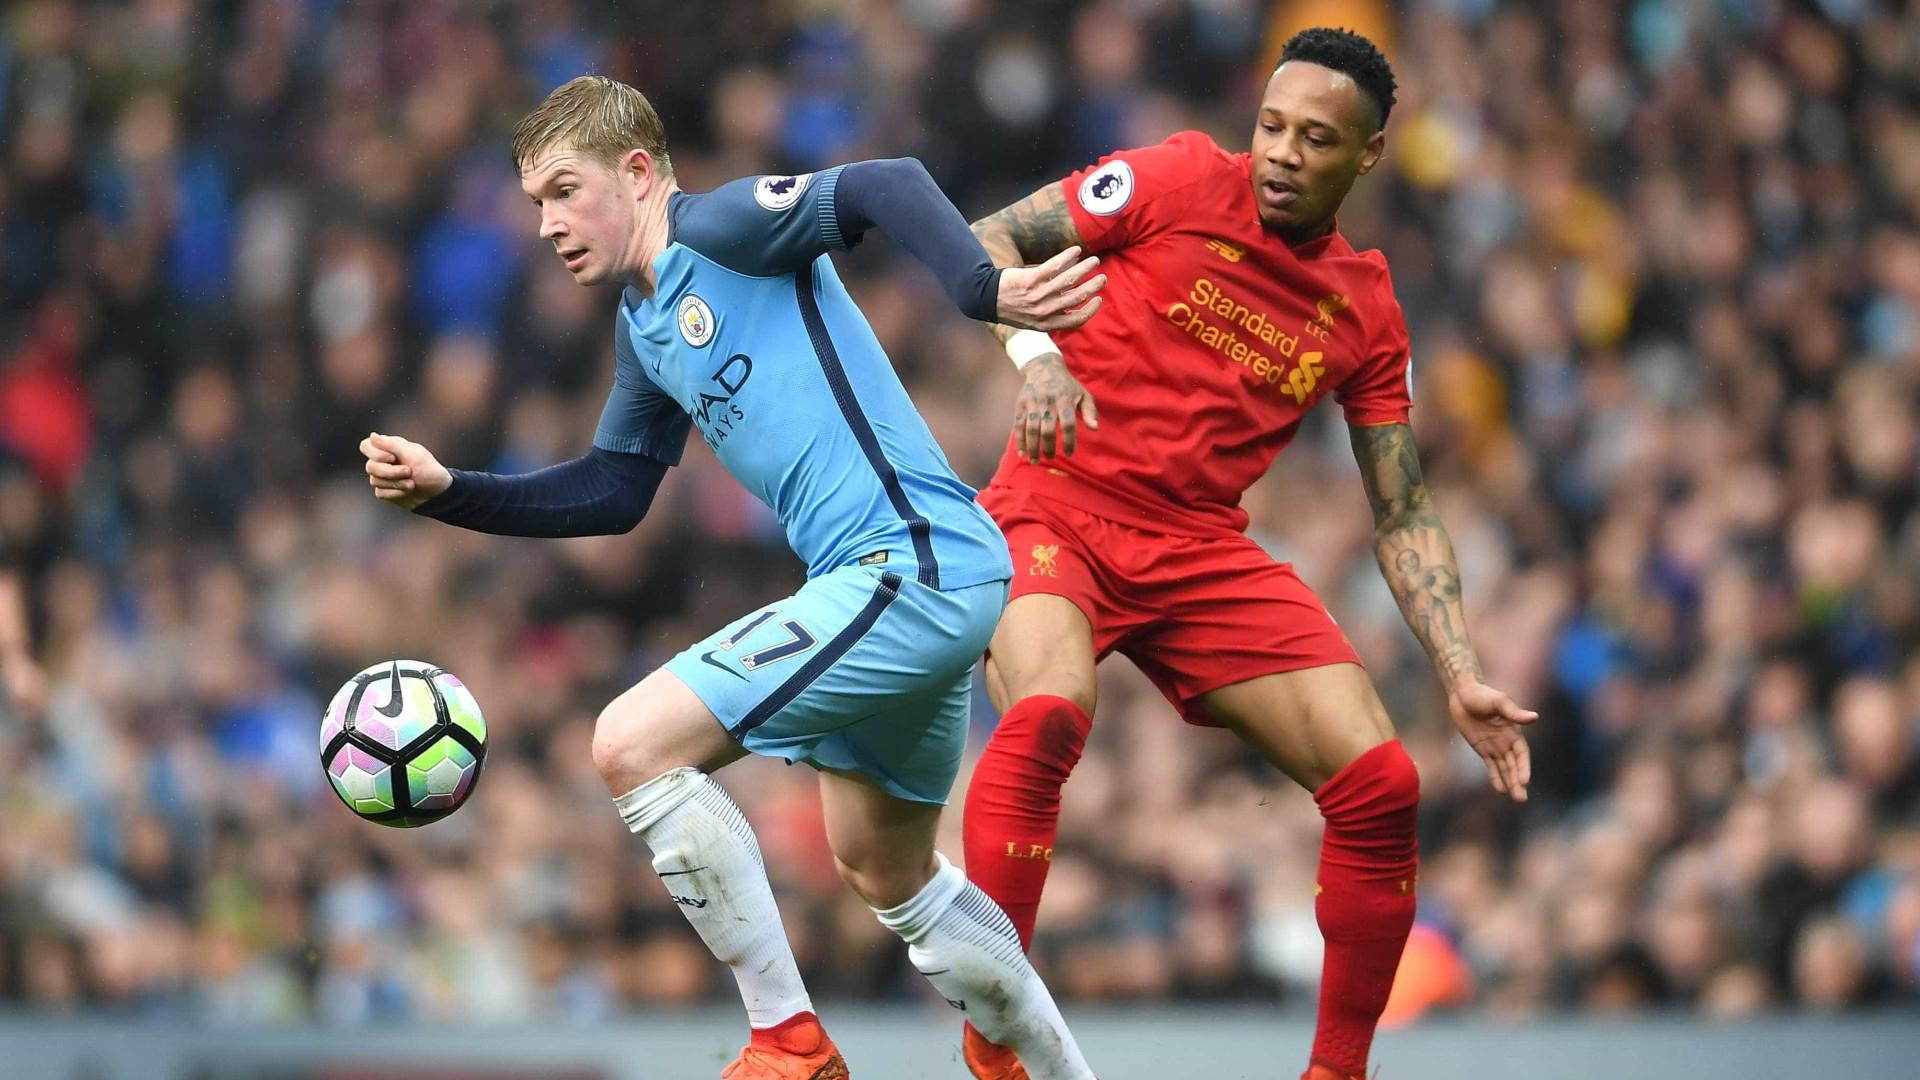 Manchester City empata com Liverpool e já vê liderança a 12 pontos